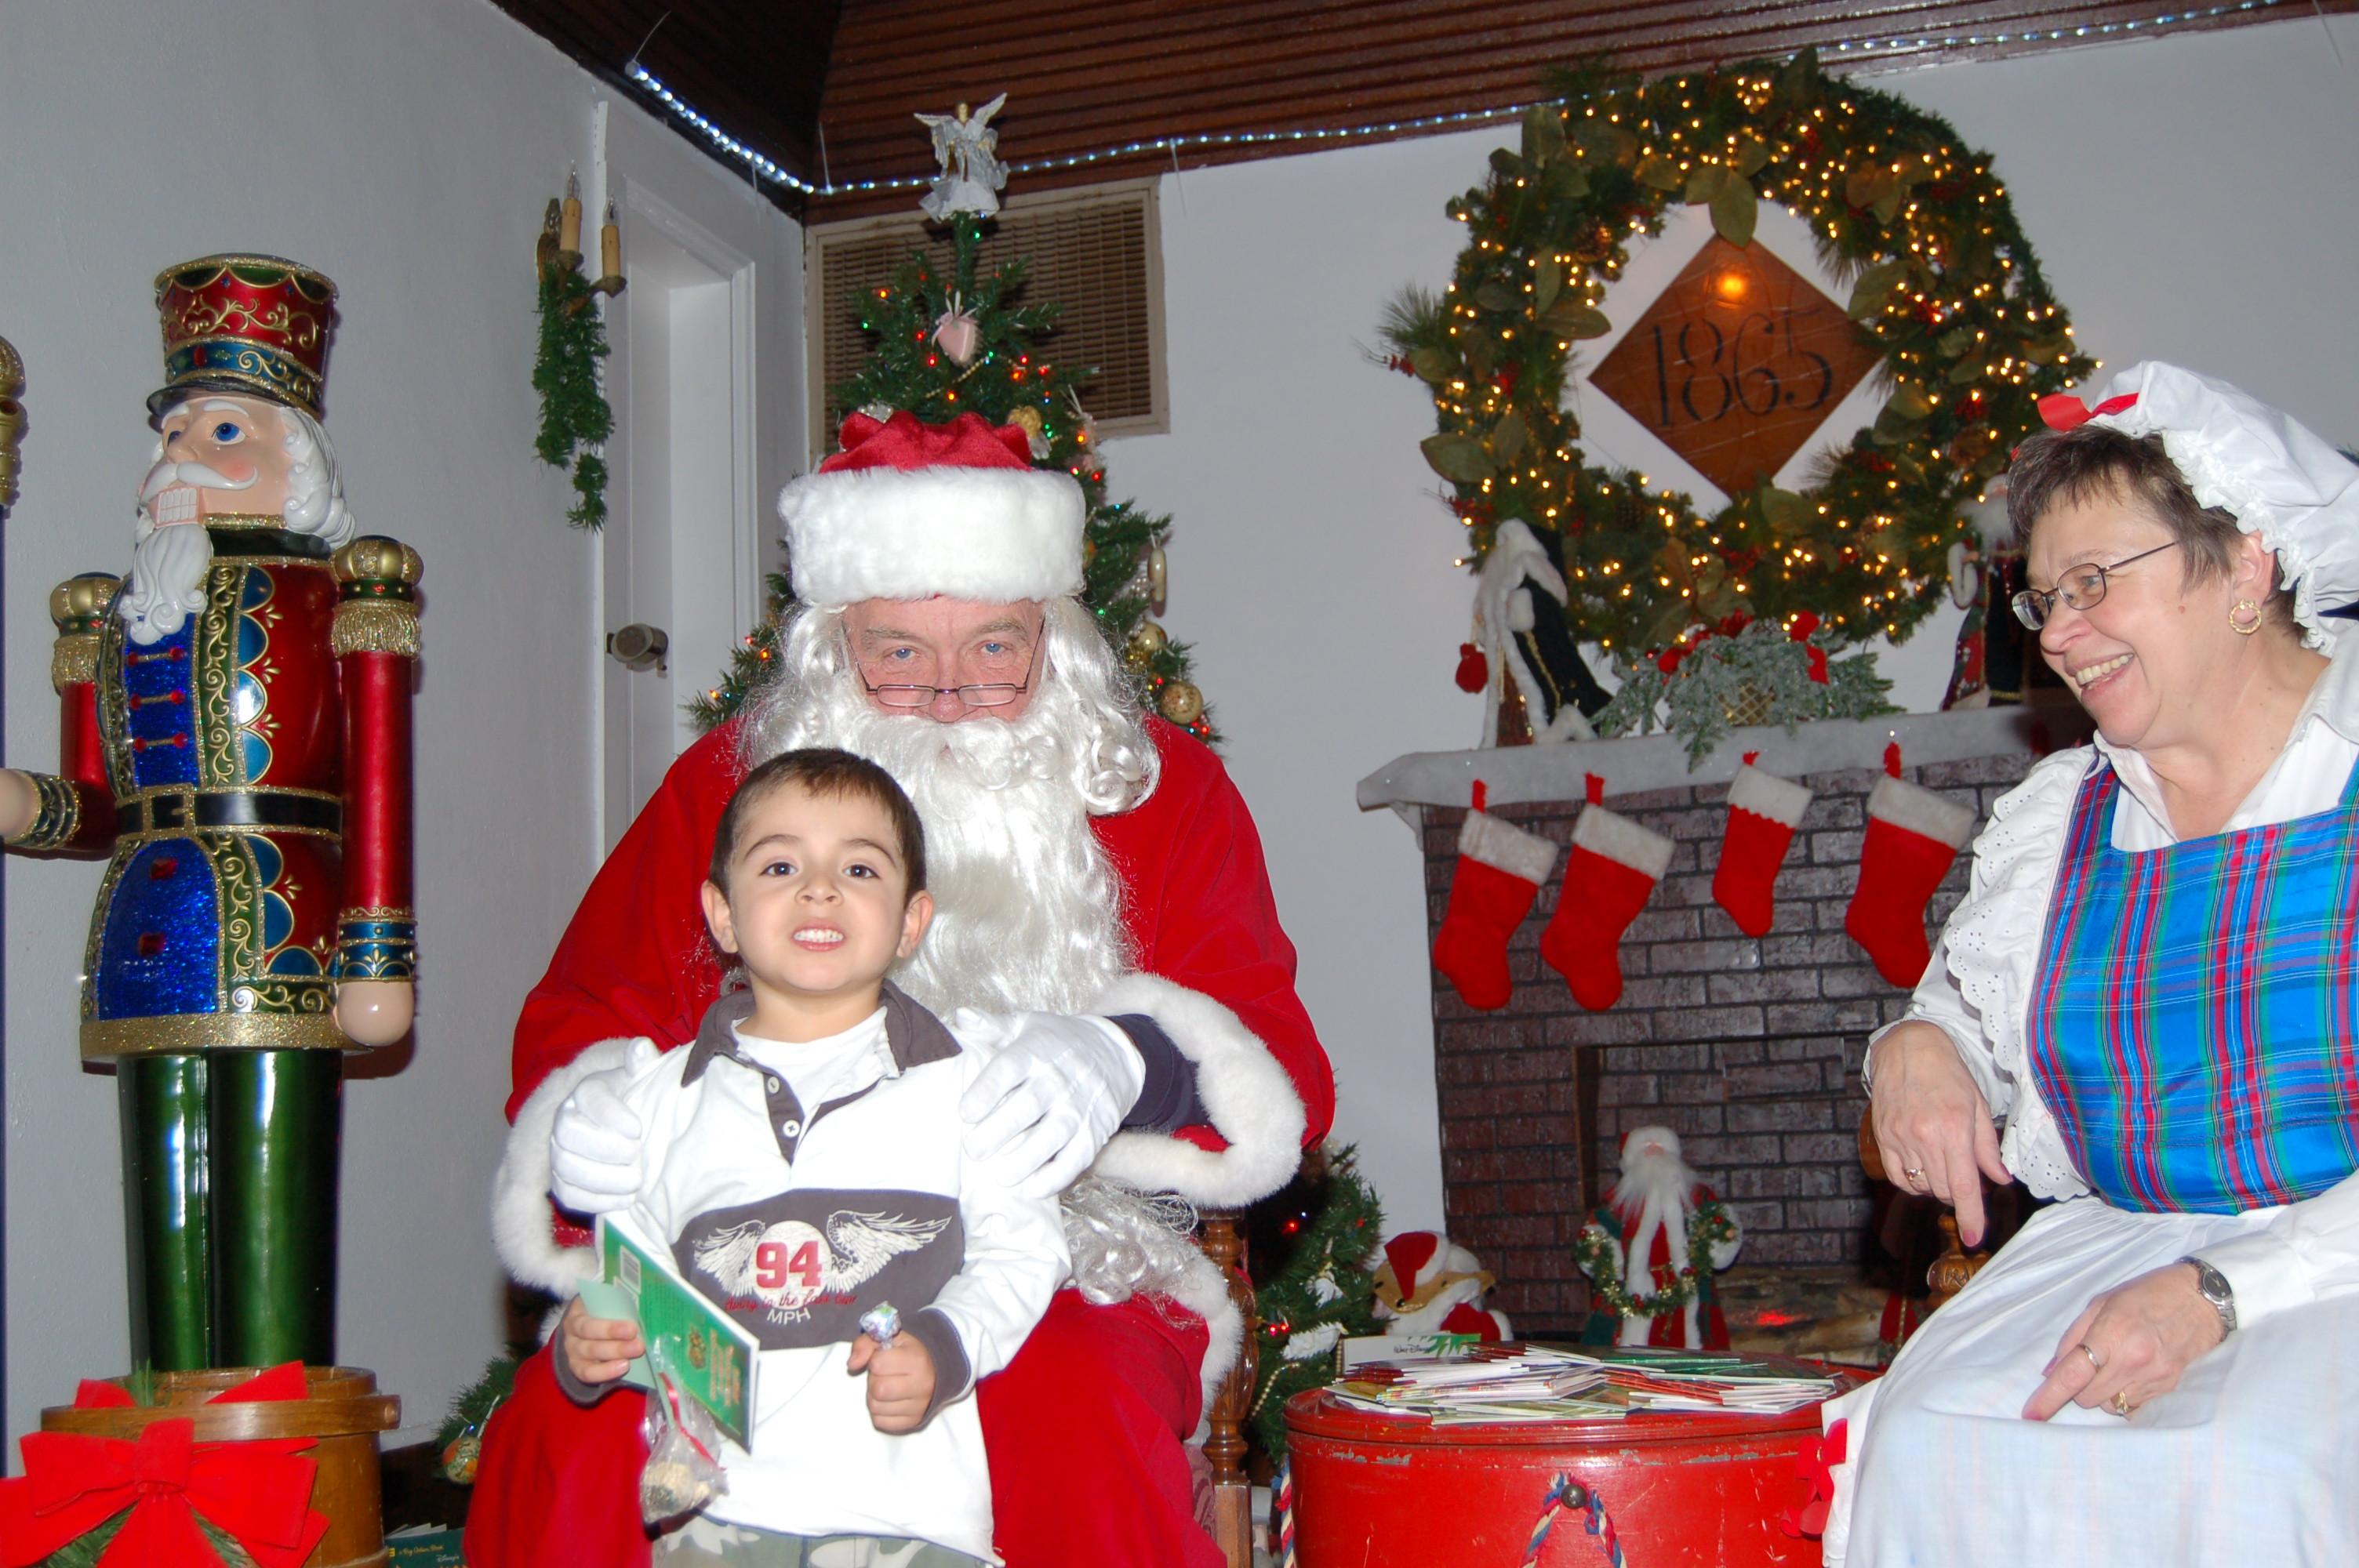 LolliPop+Lane+12-11-2008+Picture+002.jpg